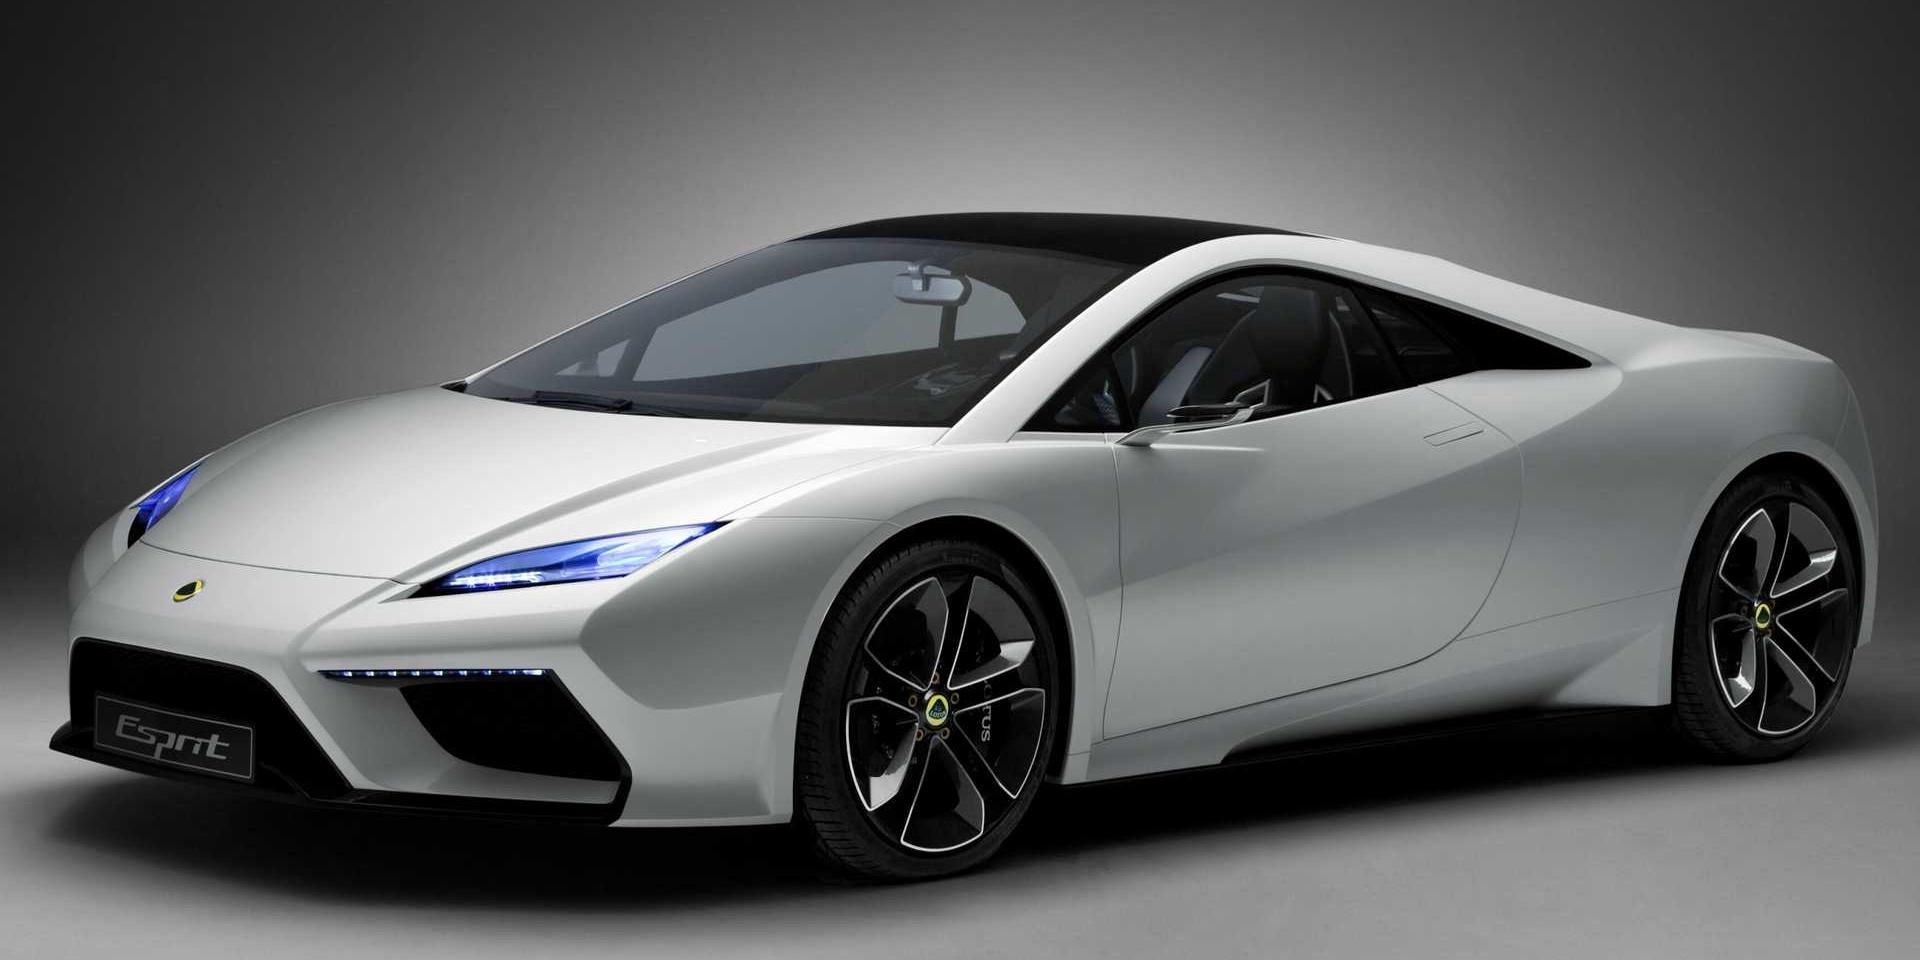 Lotus Esprit後繼車出現!V6油電超過500hp動力!